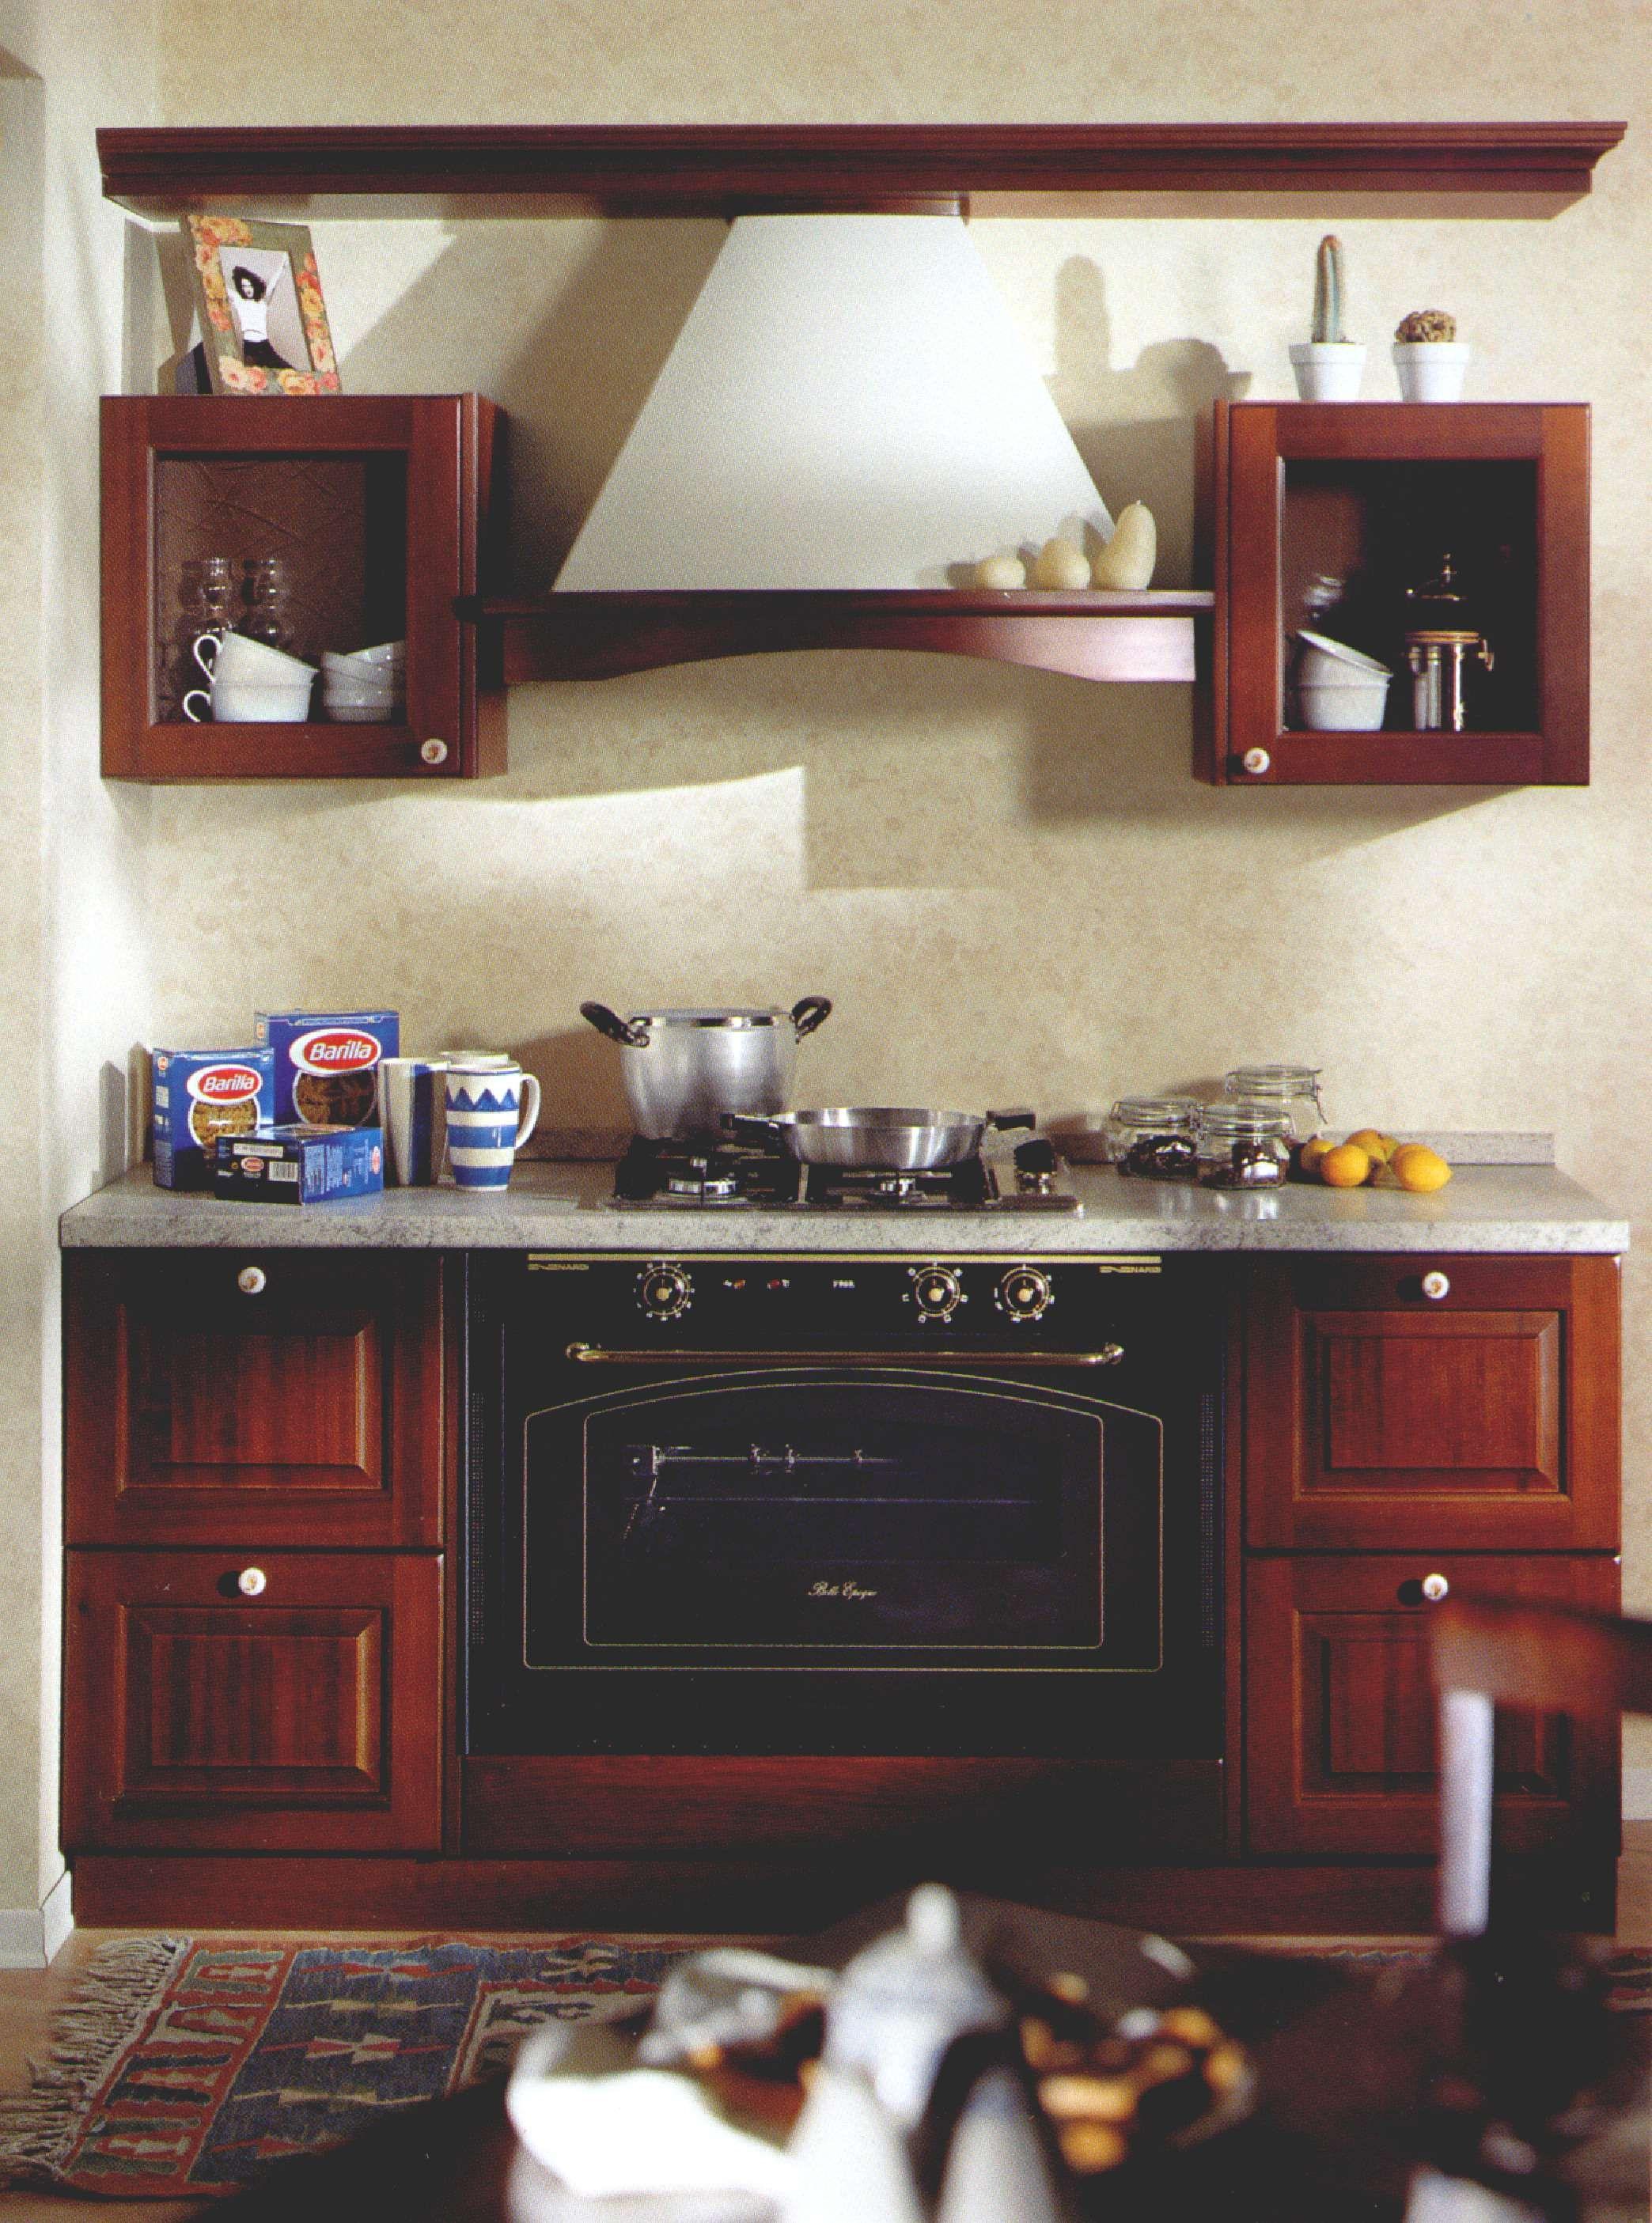 WWW.MOBILIFICIOMAIERON.IT 0433775330. Cucina in legno ...